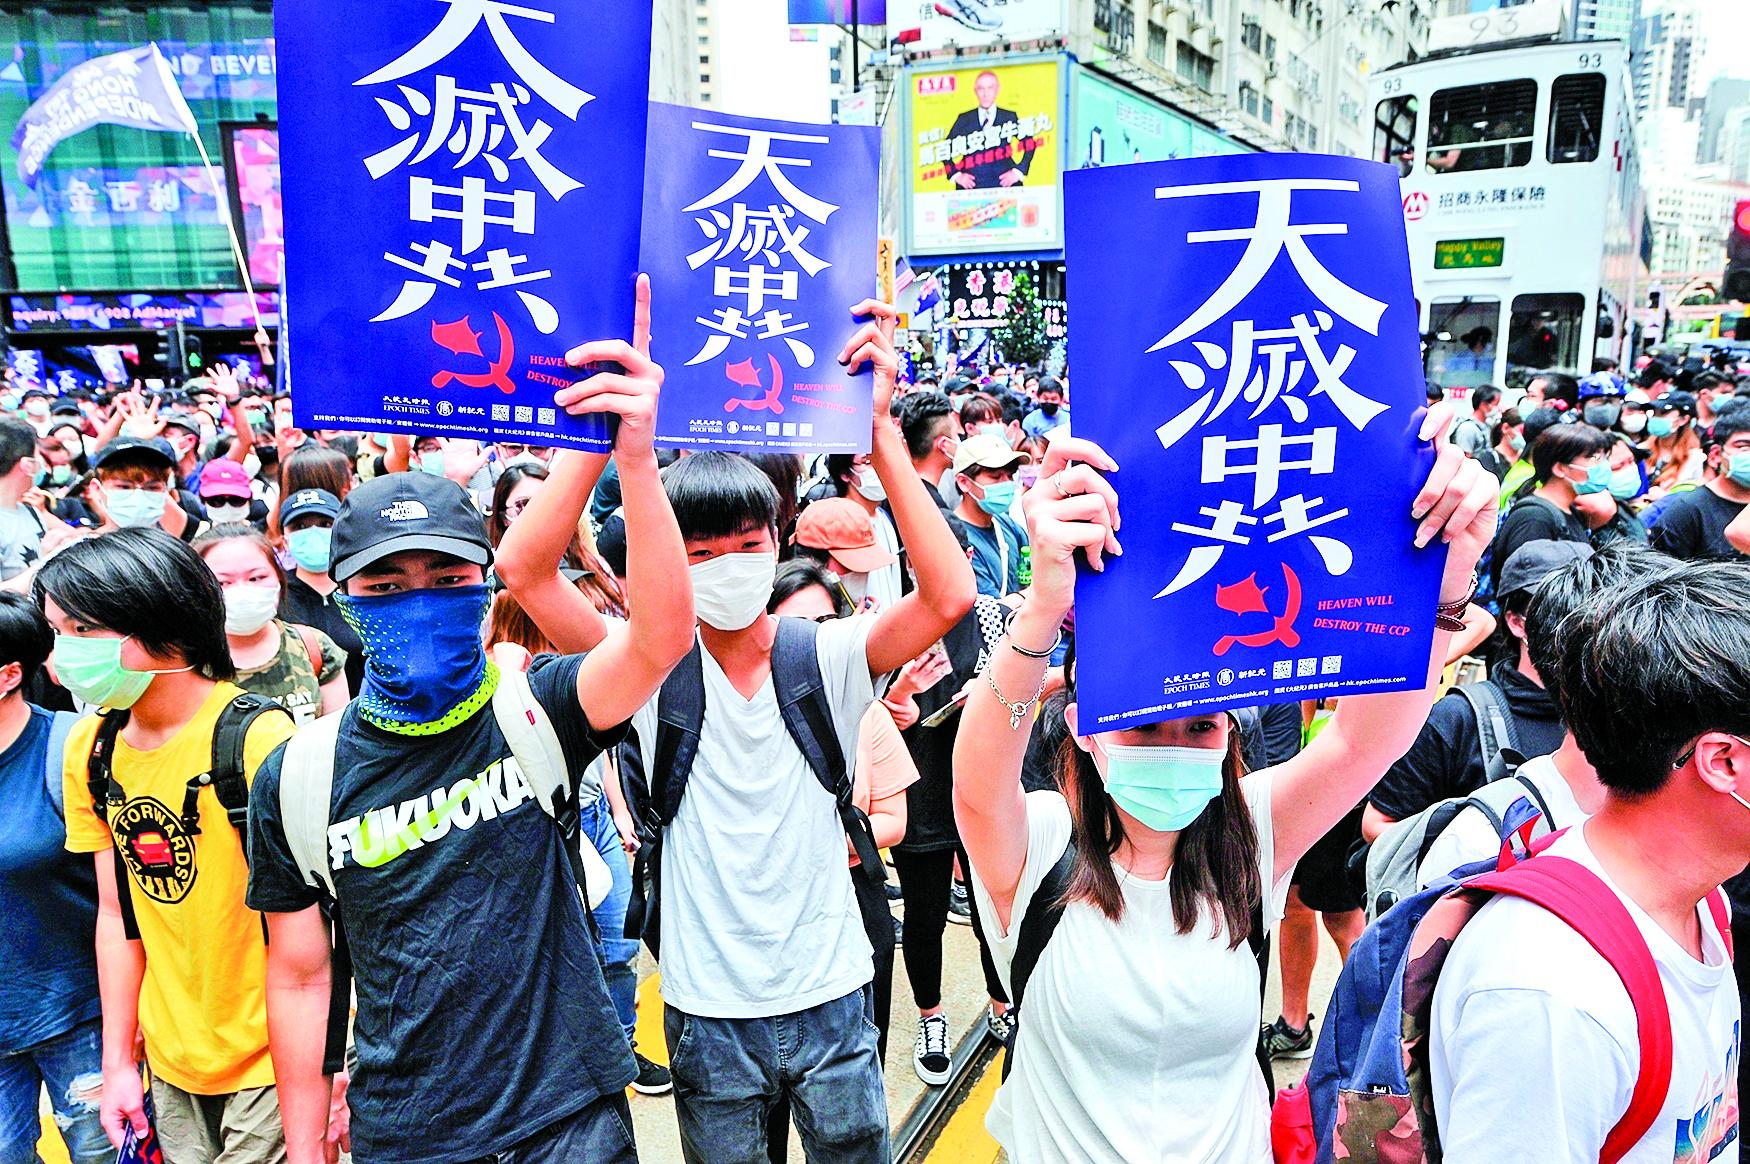 2020年5月24日,參與「反國安法」遊行的香港民眾。(宋碧龍/大紀元)